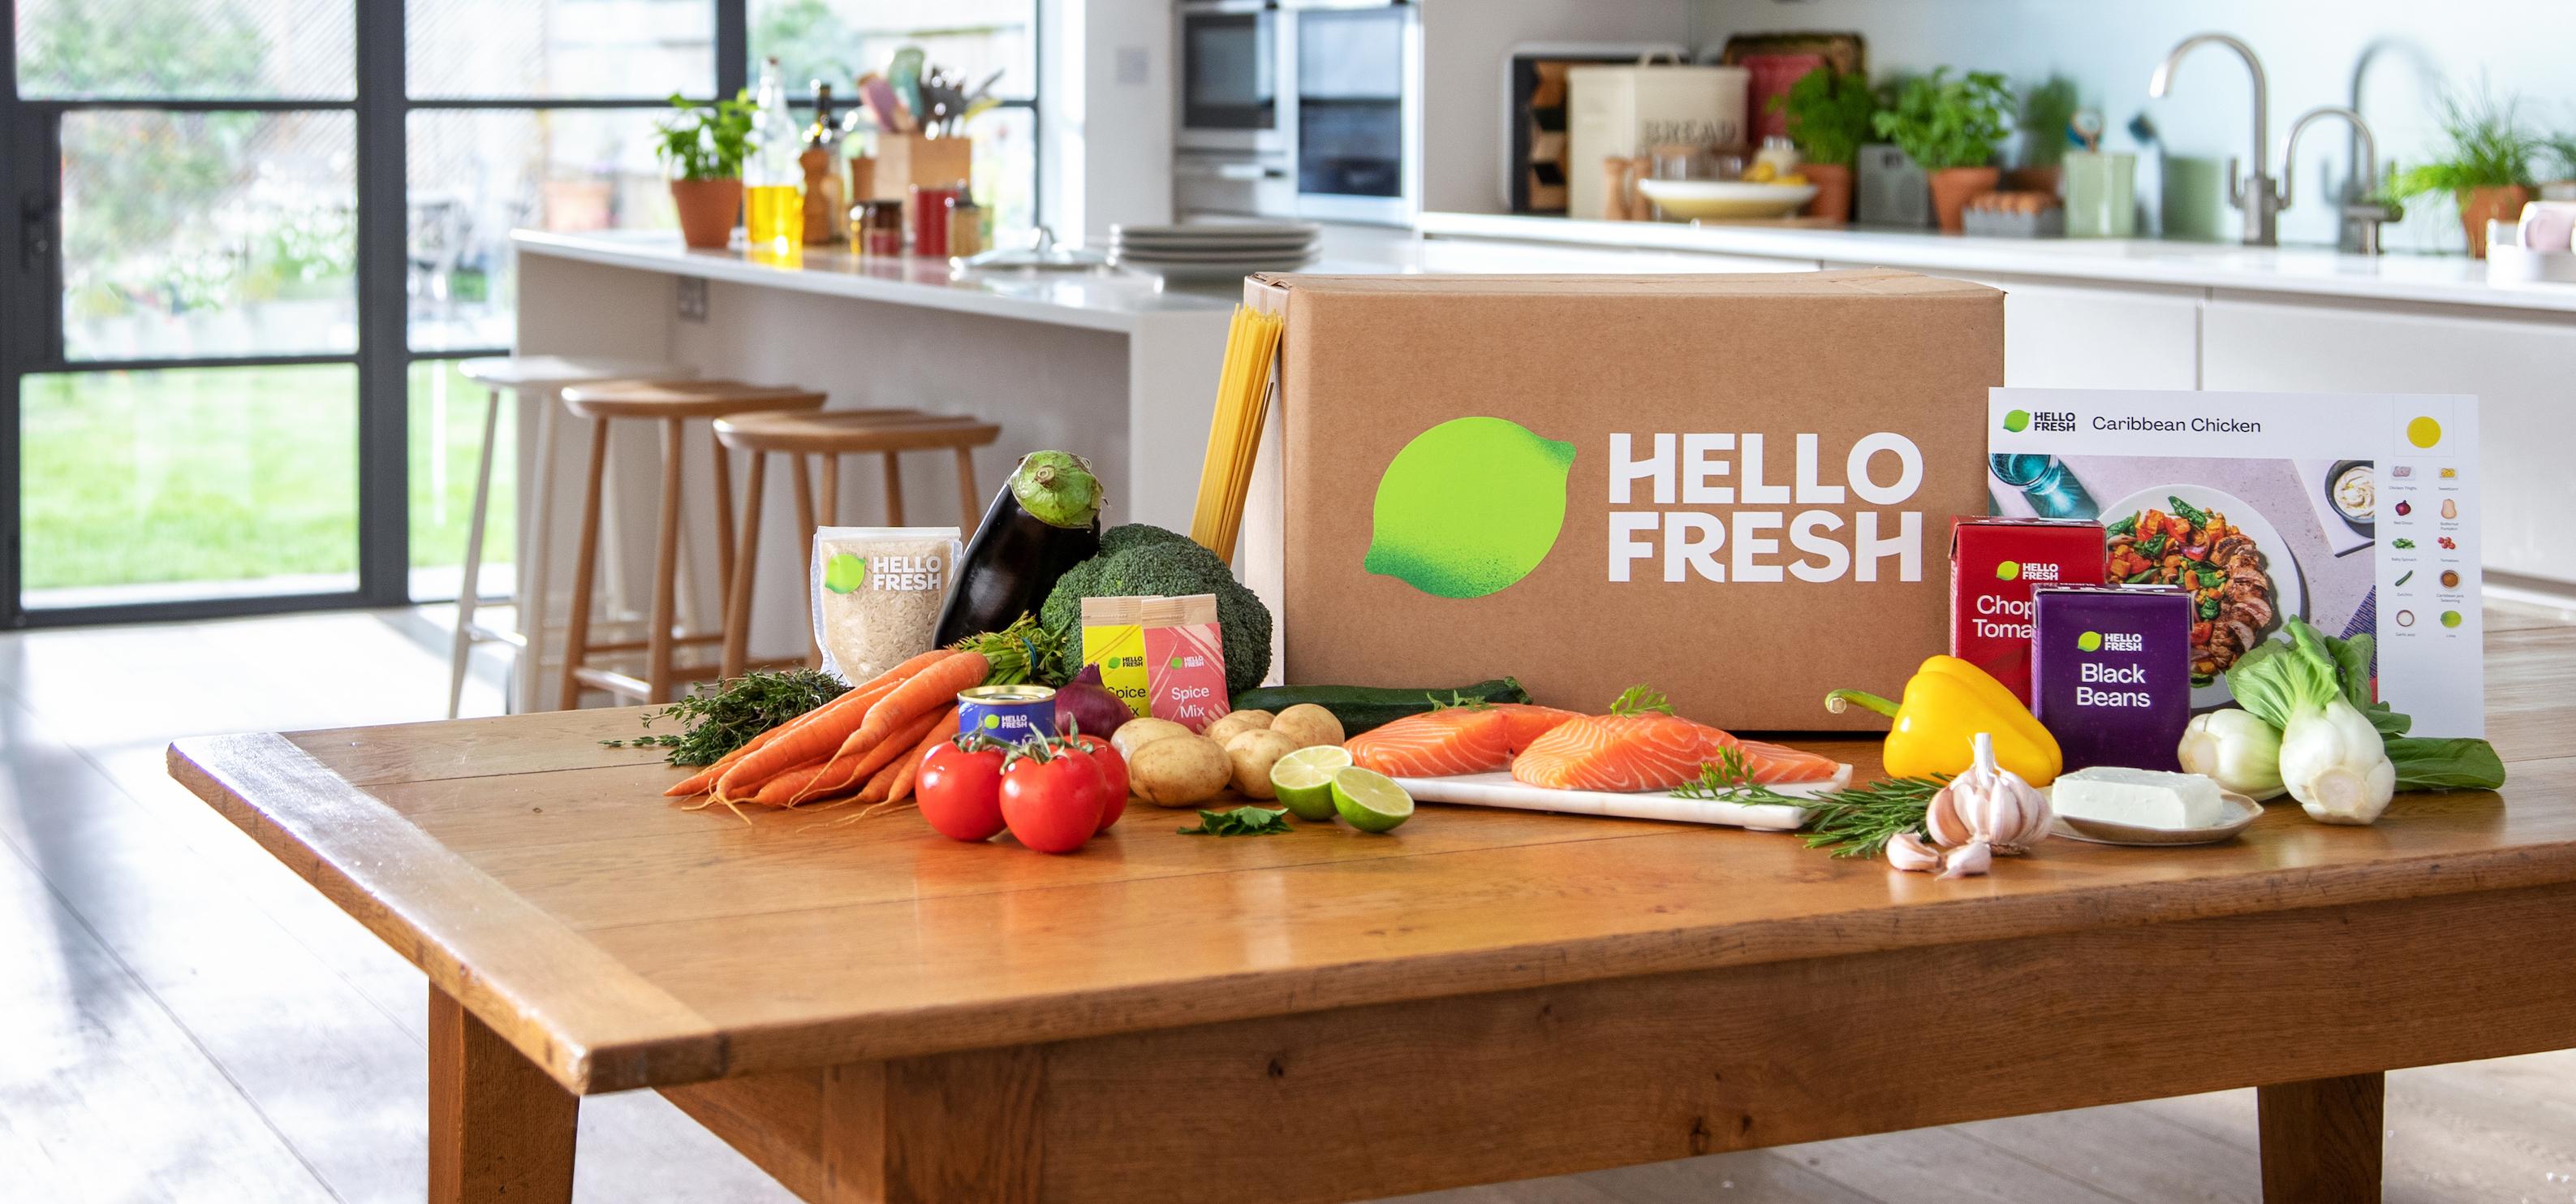 Pappkasse med HelloFresh logo med grønnsaker på et bord på et kjøkken.